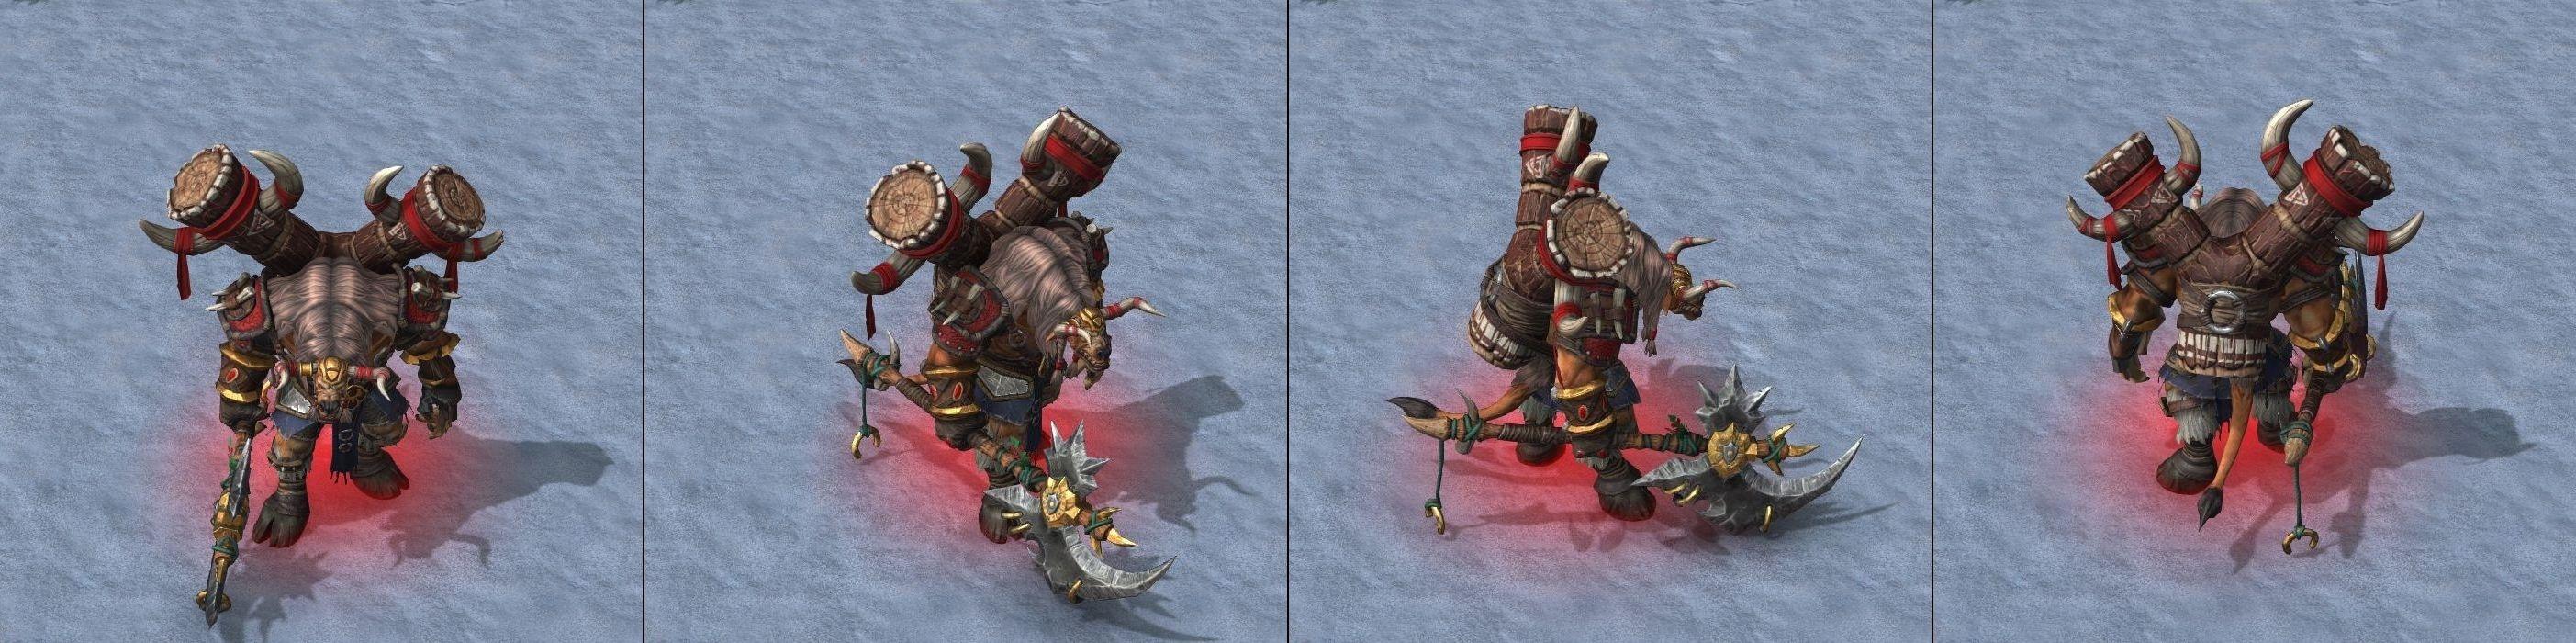 Warcraft III Reforged : Tauren Chieftain